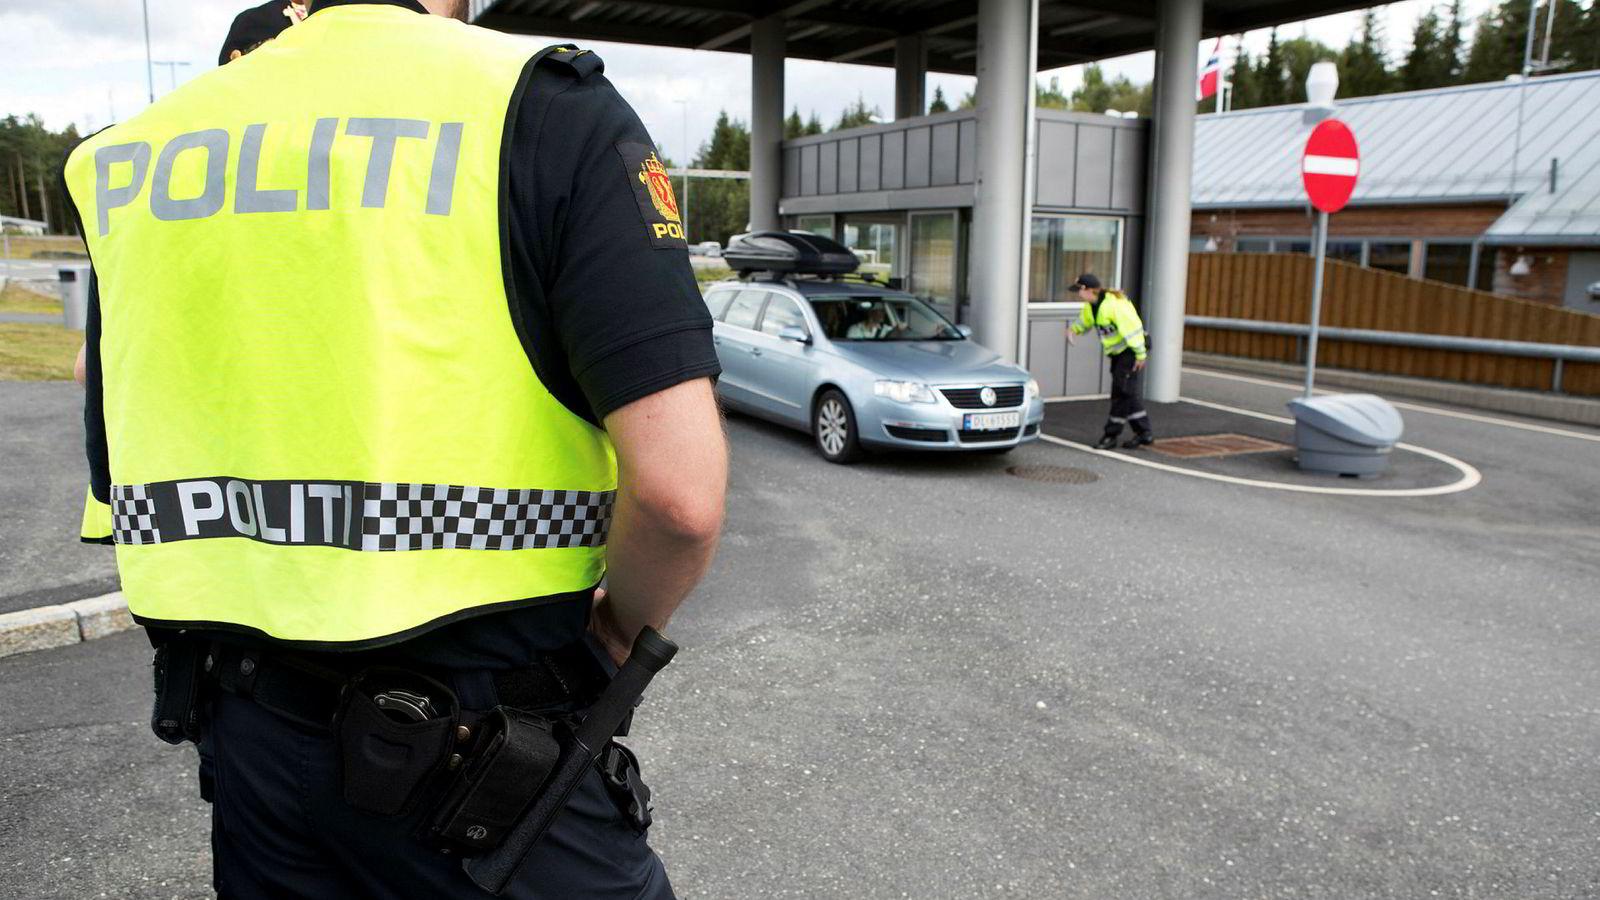 Politiet på vakt ved grensepasseringen i Ørje. Nå vil de sørge for at politiets passering skal skje så knirkefritt som mulig.